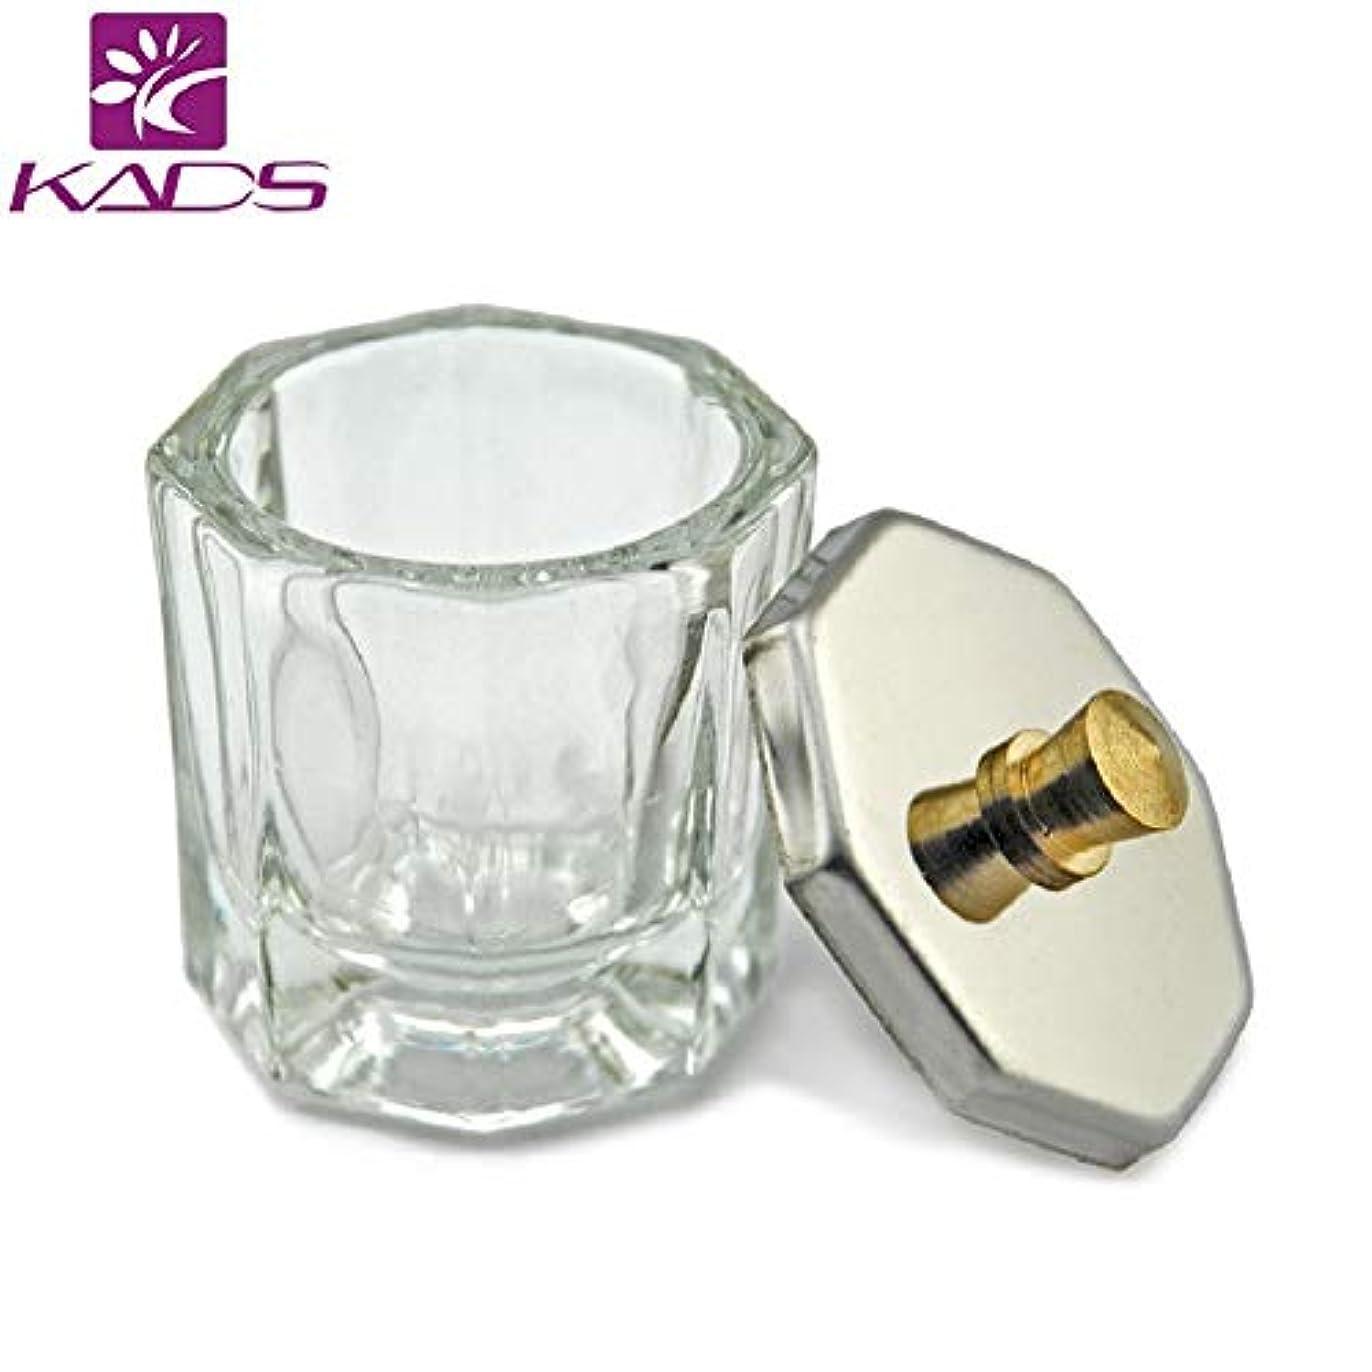 インストールカウボーイ長方形KADS 八角形ネイルダッペンディッシュ フタ付き ガラス製 筆洗いガラス容器 ジェルネイル用筆洗浄